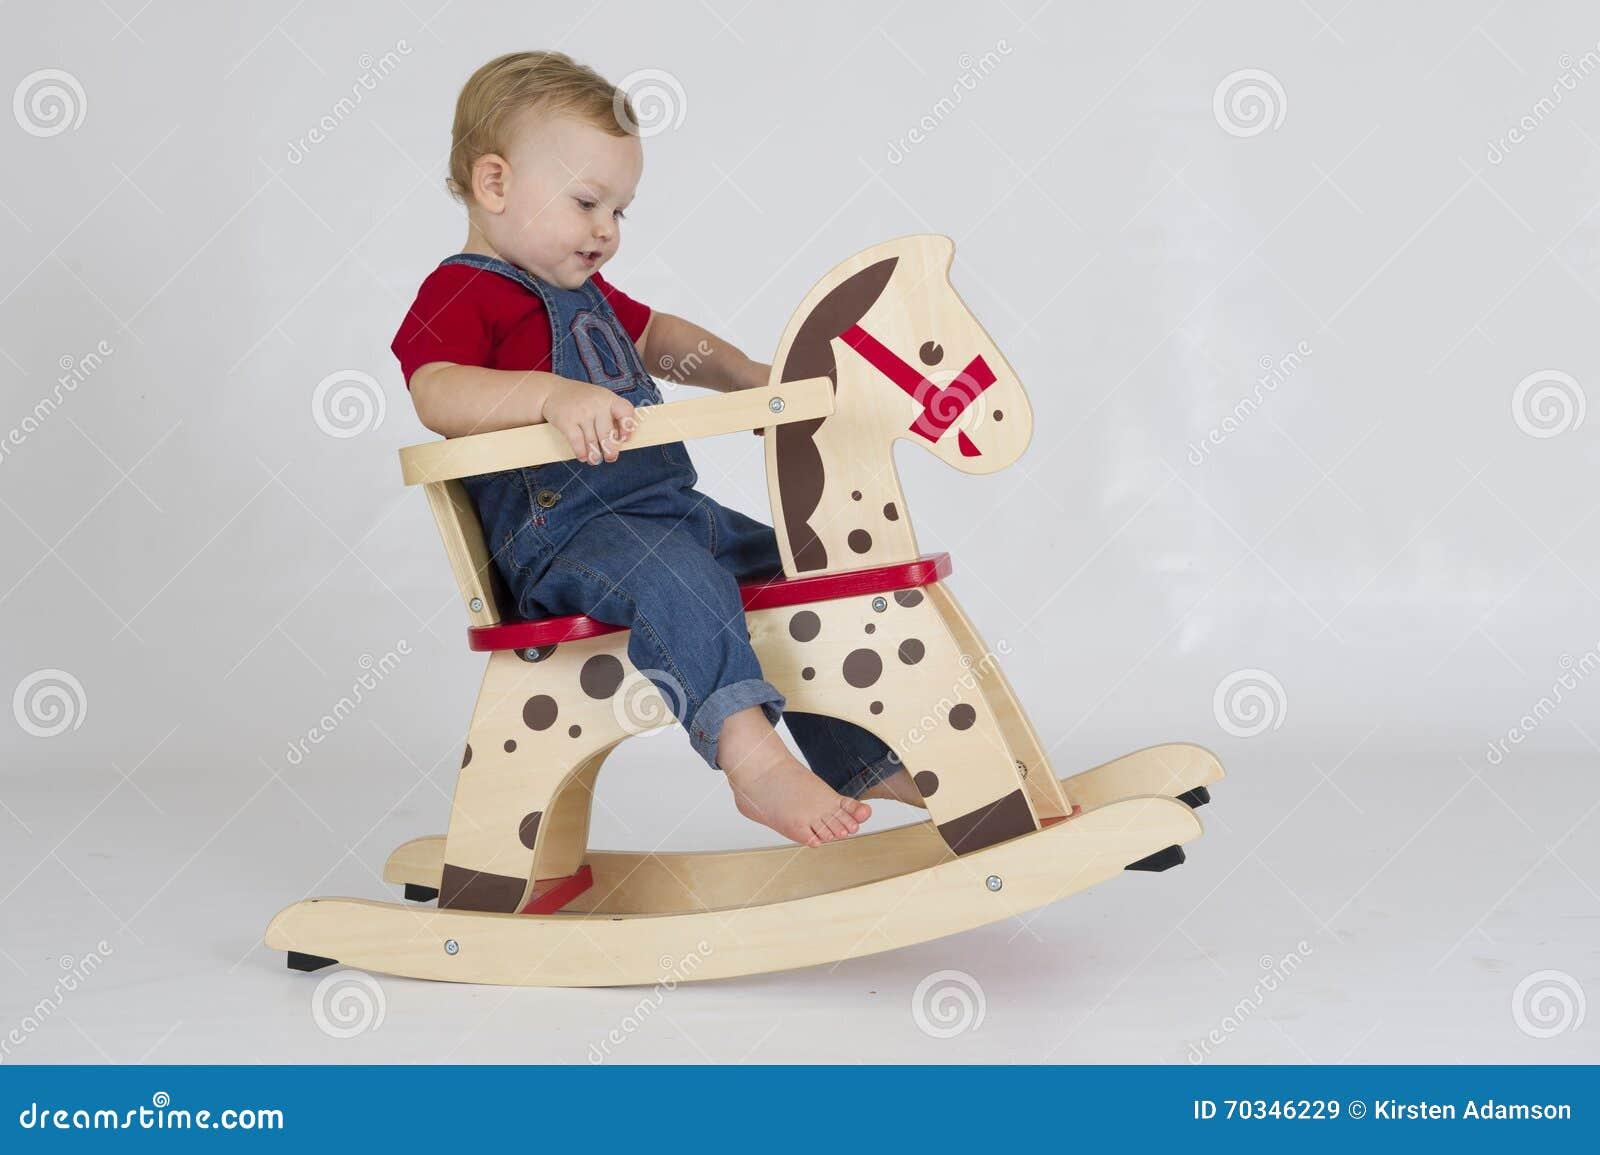 Cavallo A Dondolo In Legno.Neonato Che Monta Un Cavallo A Dondolo Di Legno Immagine Stock